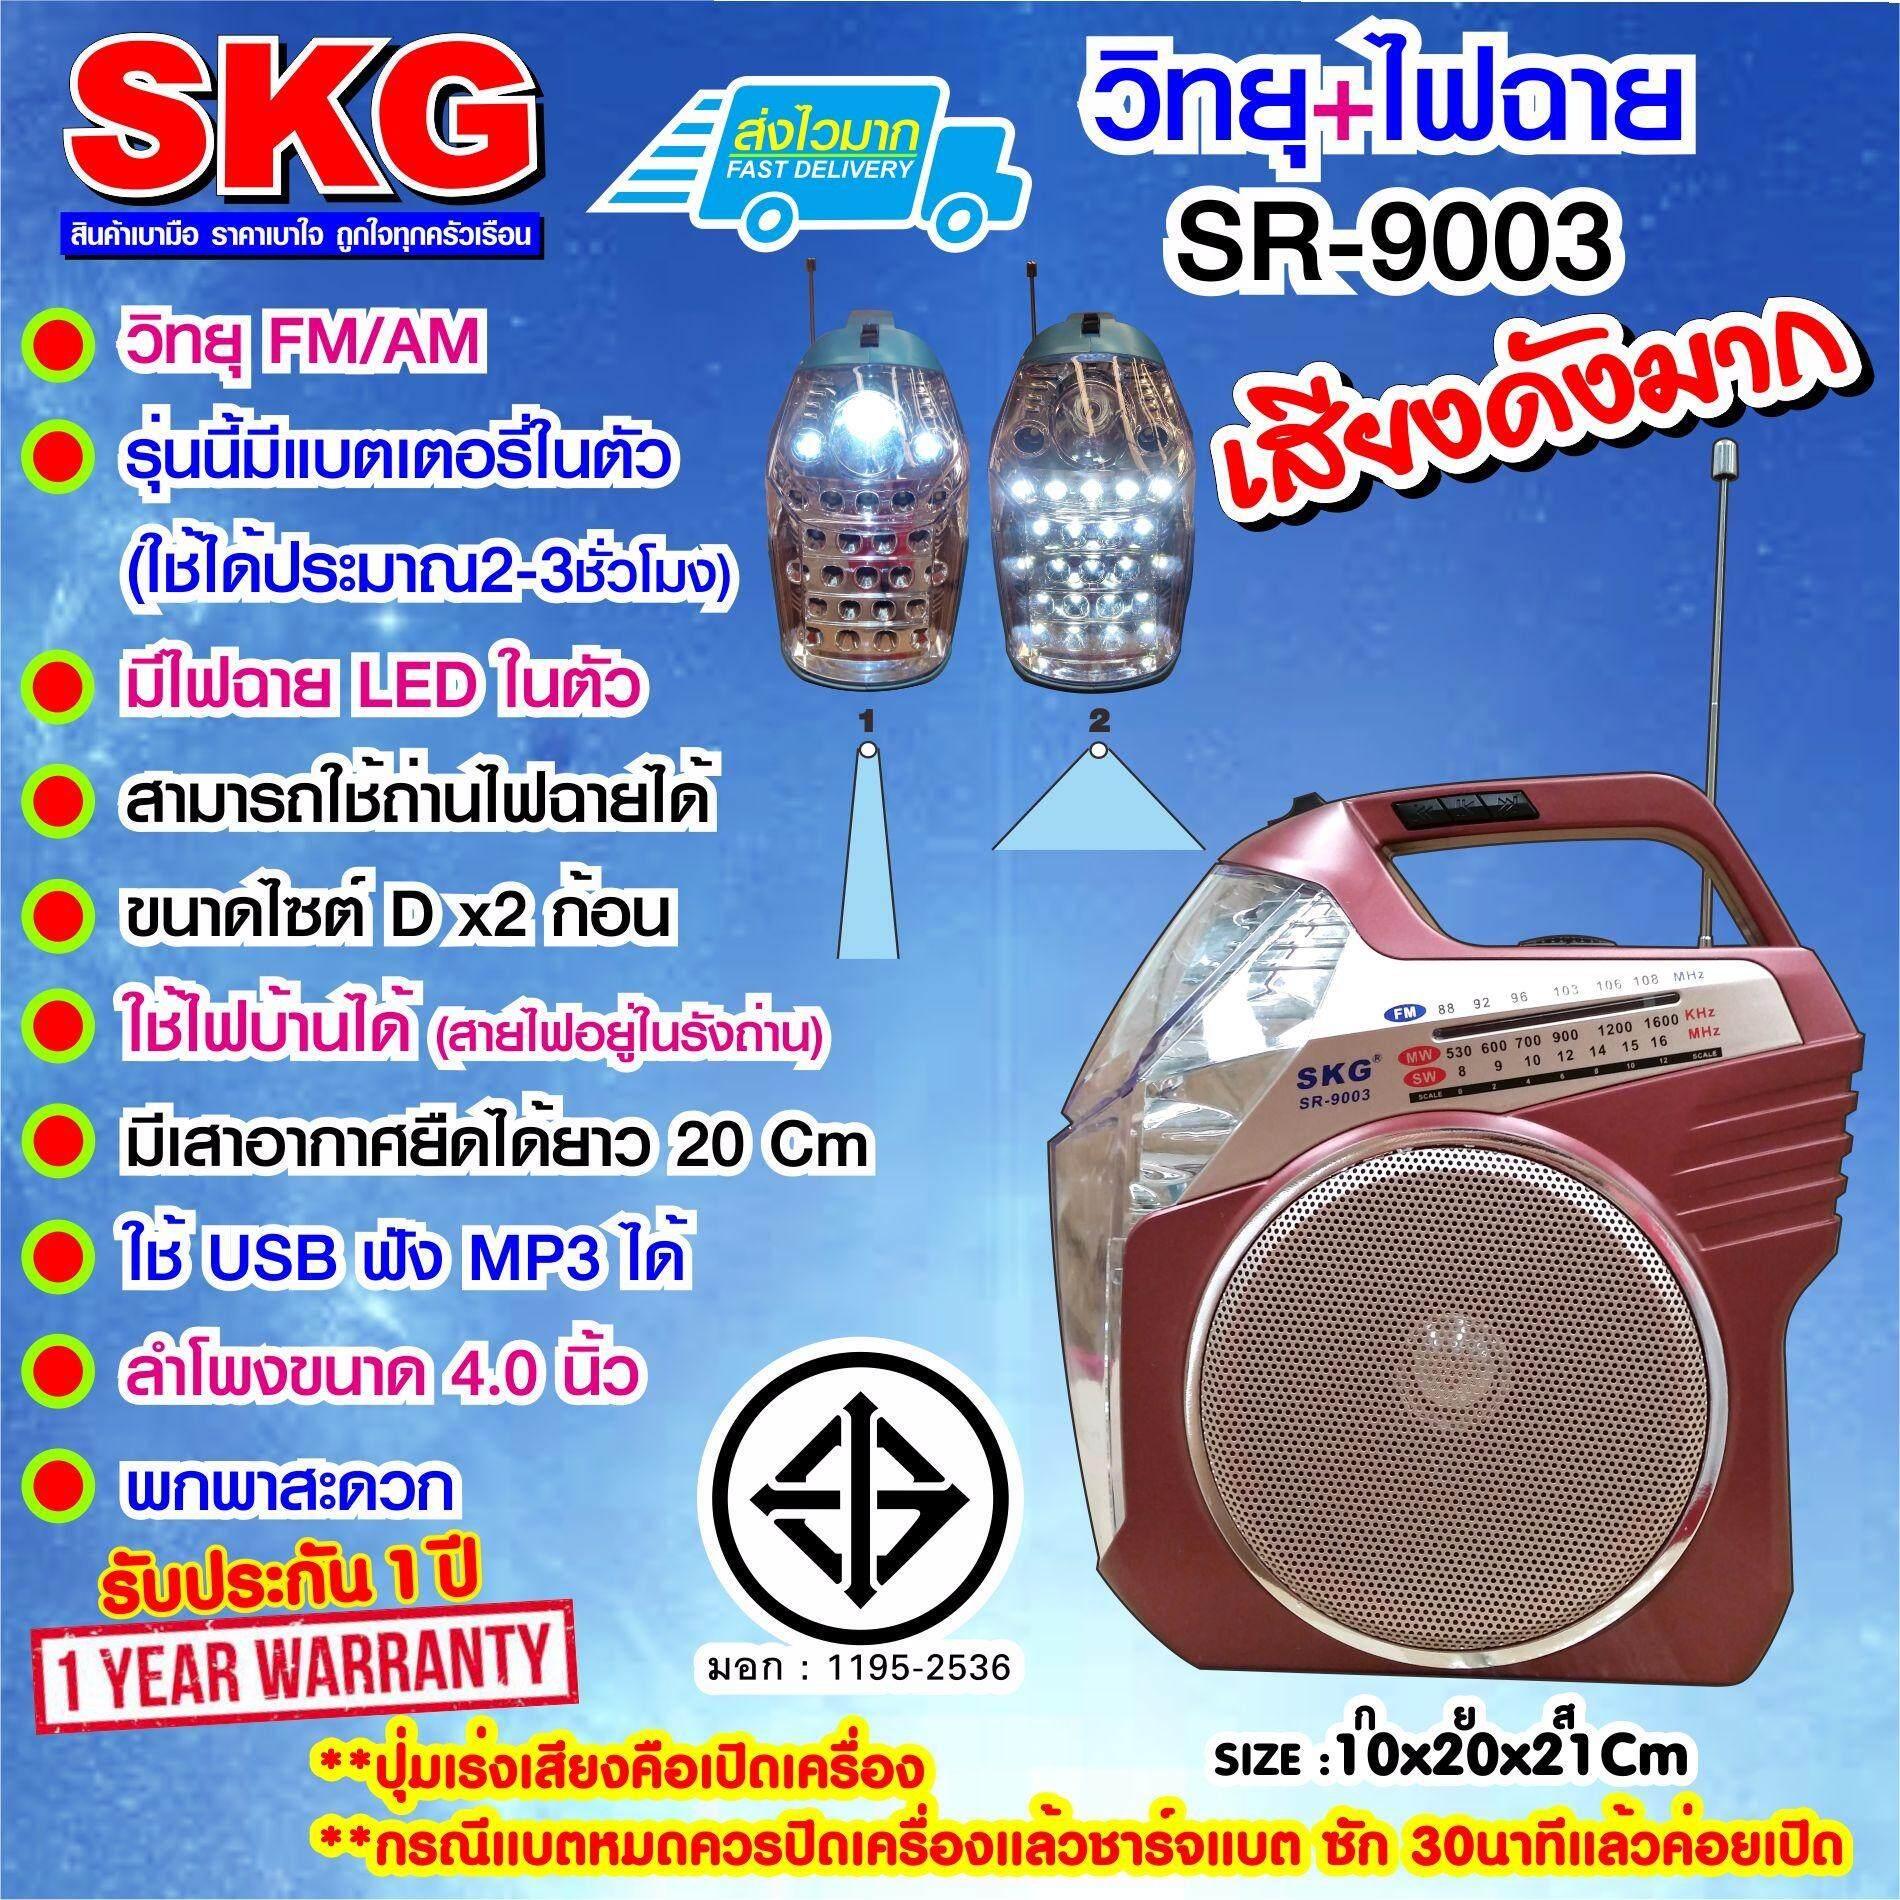 ซื้อ Skg วิทยุ ไฟฉาย มีแบตในตัว รุ่น Sr 9003 สีแดง Skg เป็นต้นฉบับ